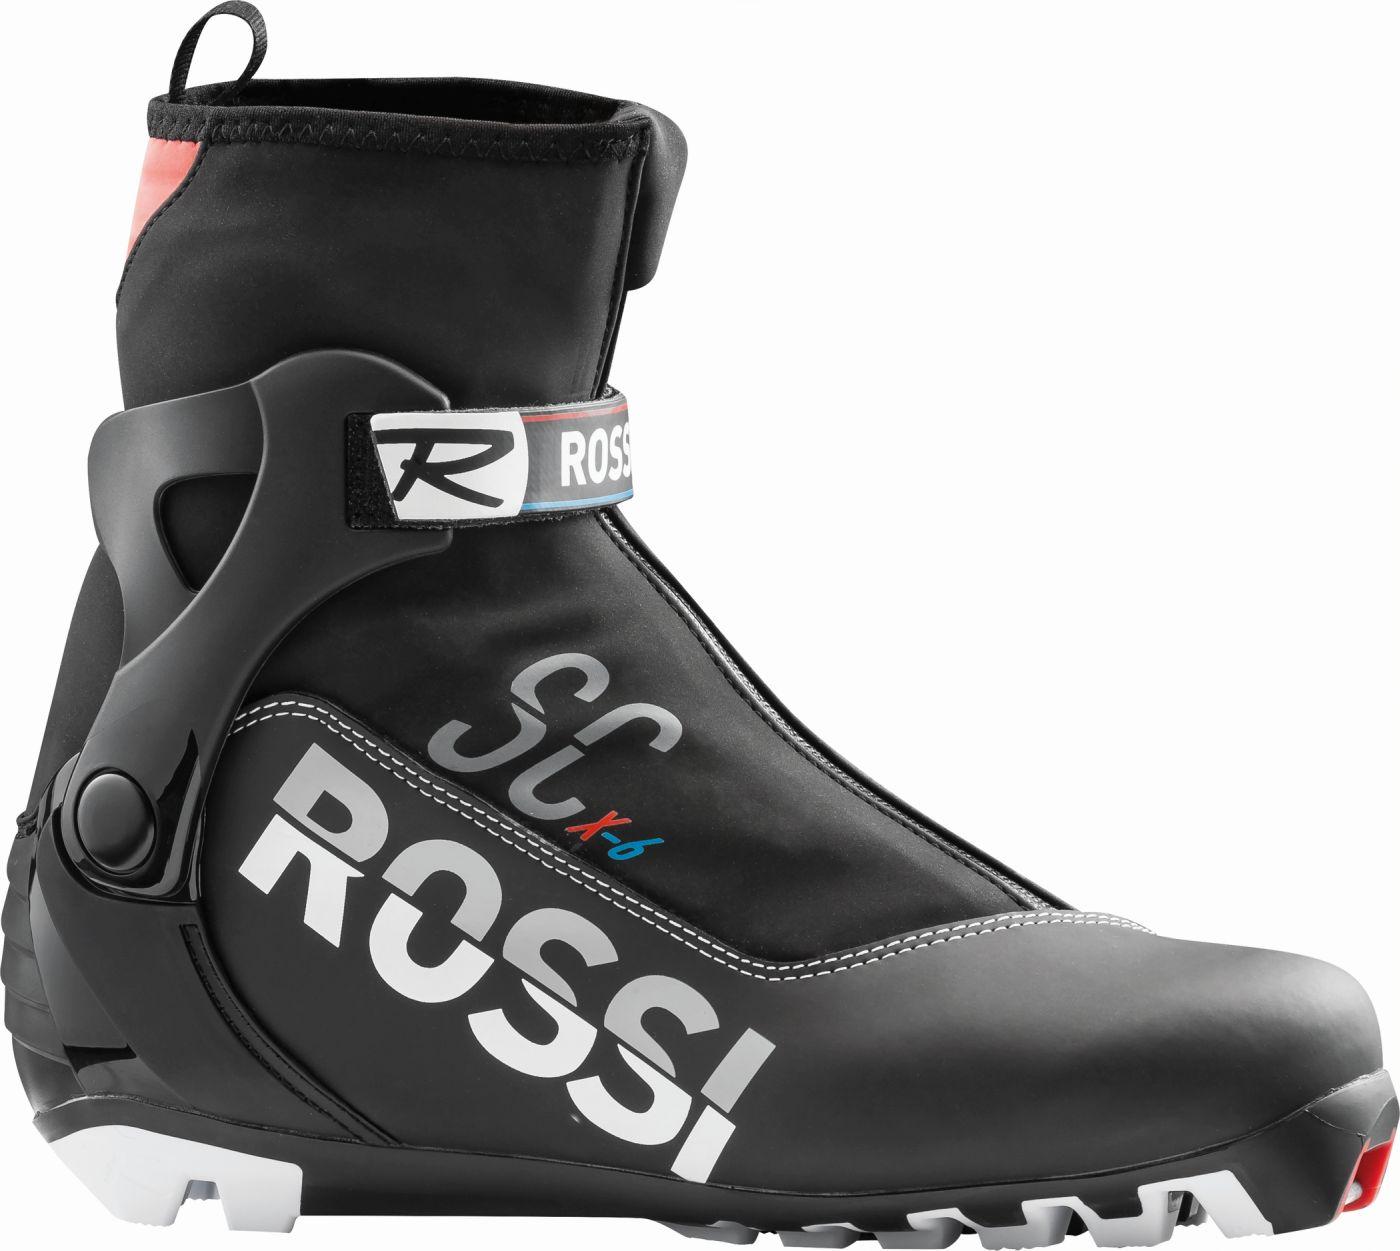 877bc284b67fe Rossignol eshop - Bežecká obuv: X-6 Combi